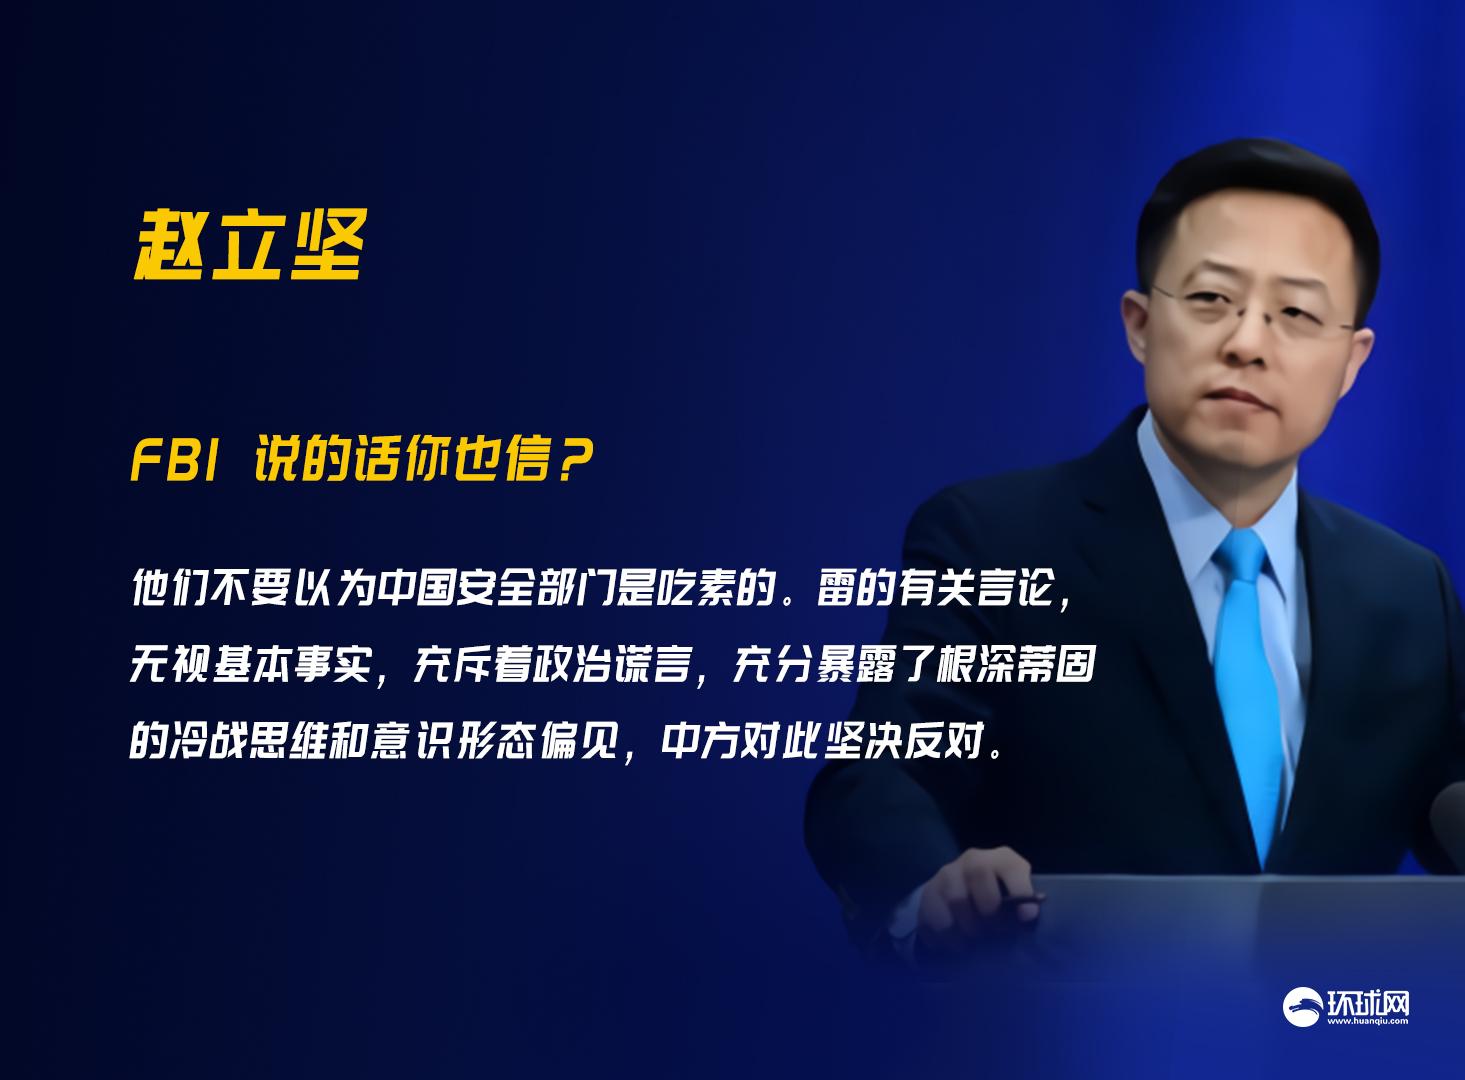 联博api:FBI局长指责中国,赵立坚:FBI说的话你也信? 第1张